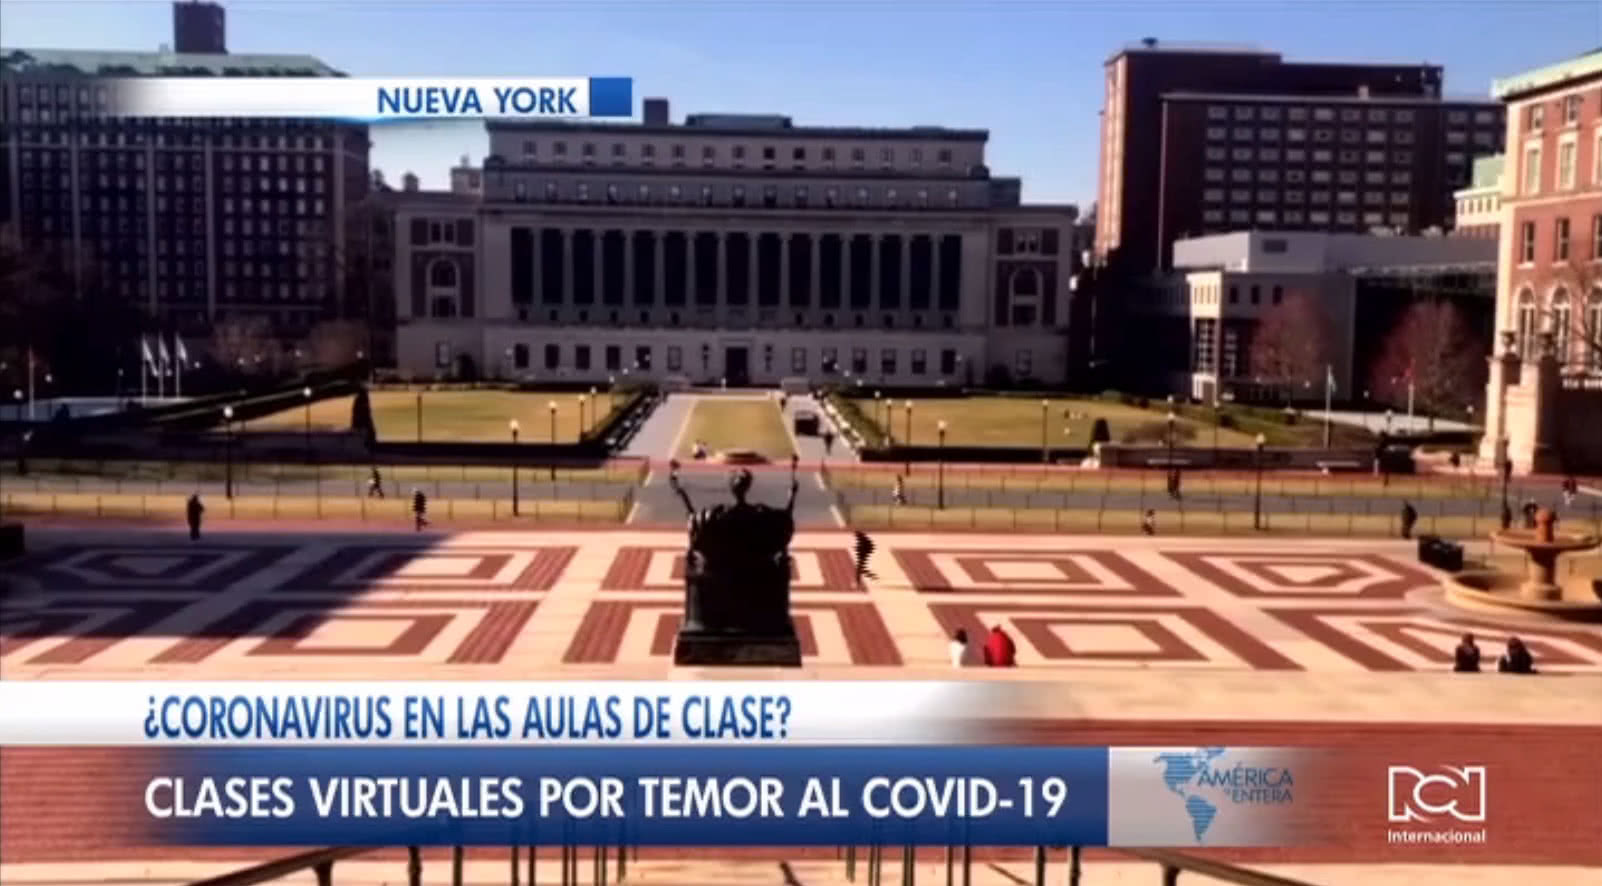 Universidades de Columbia y Princeton suspenden clases presenciales por amenaza de coronavirus